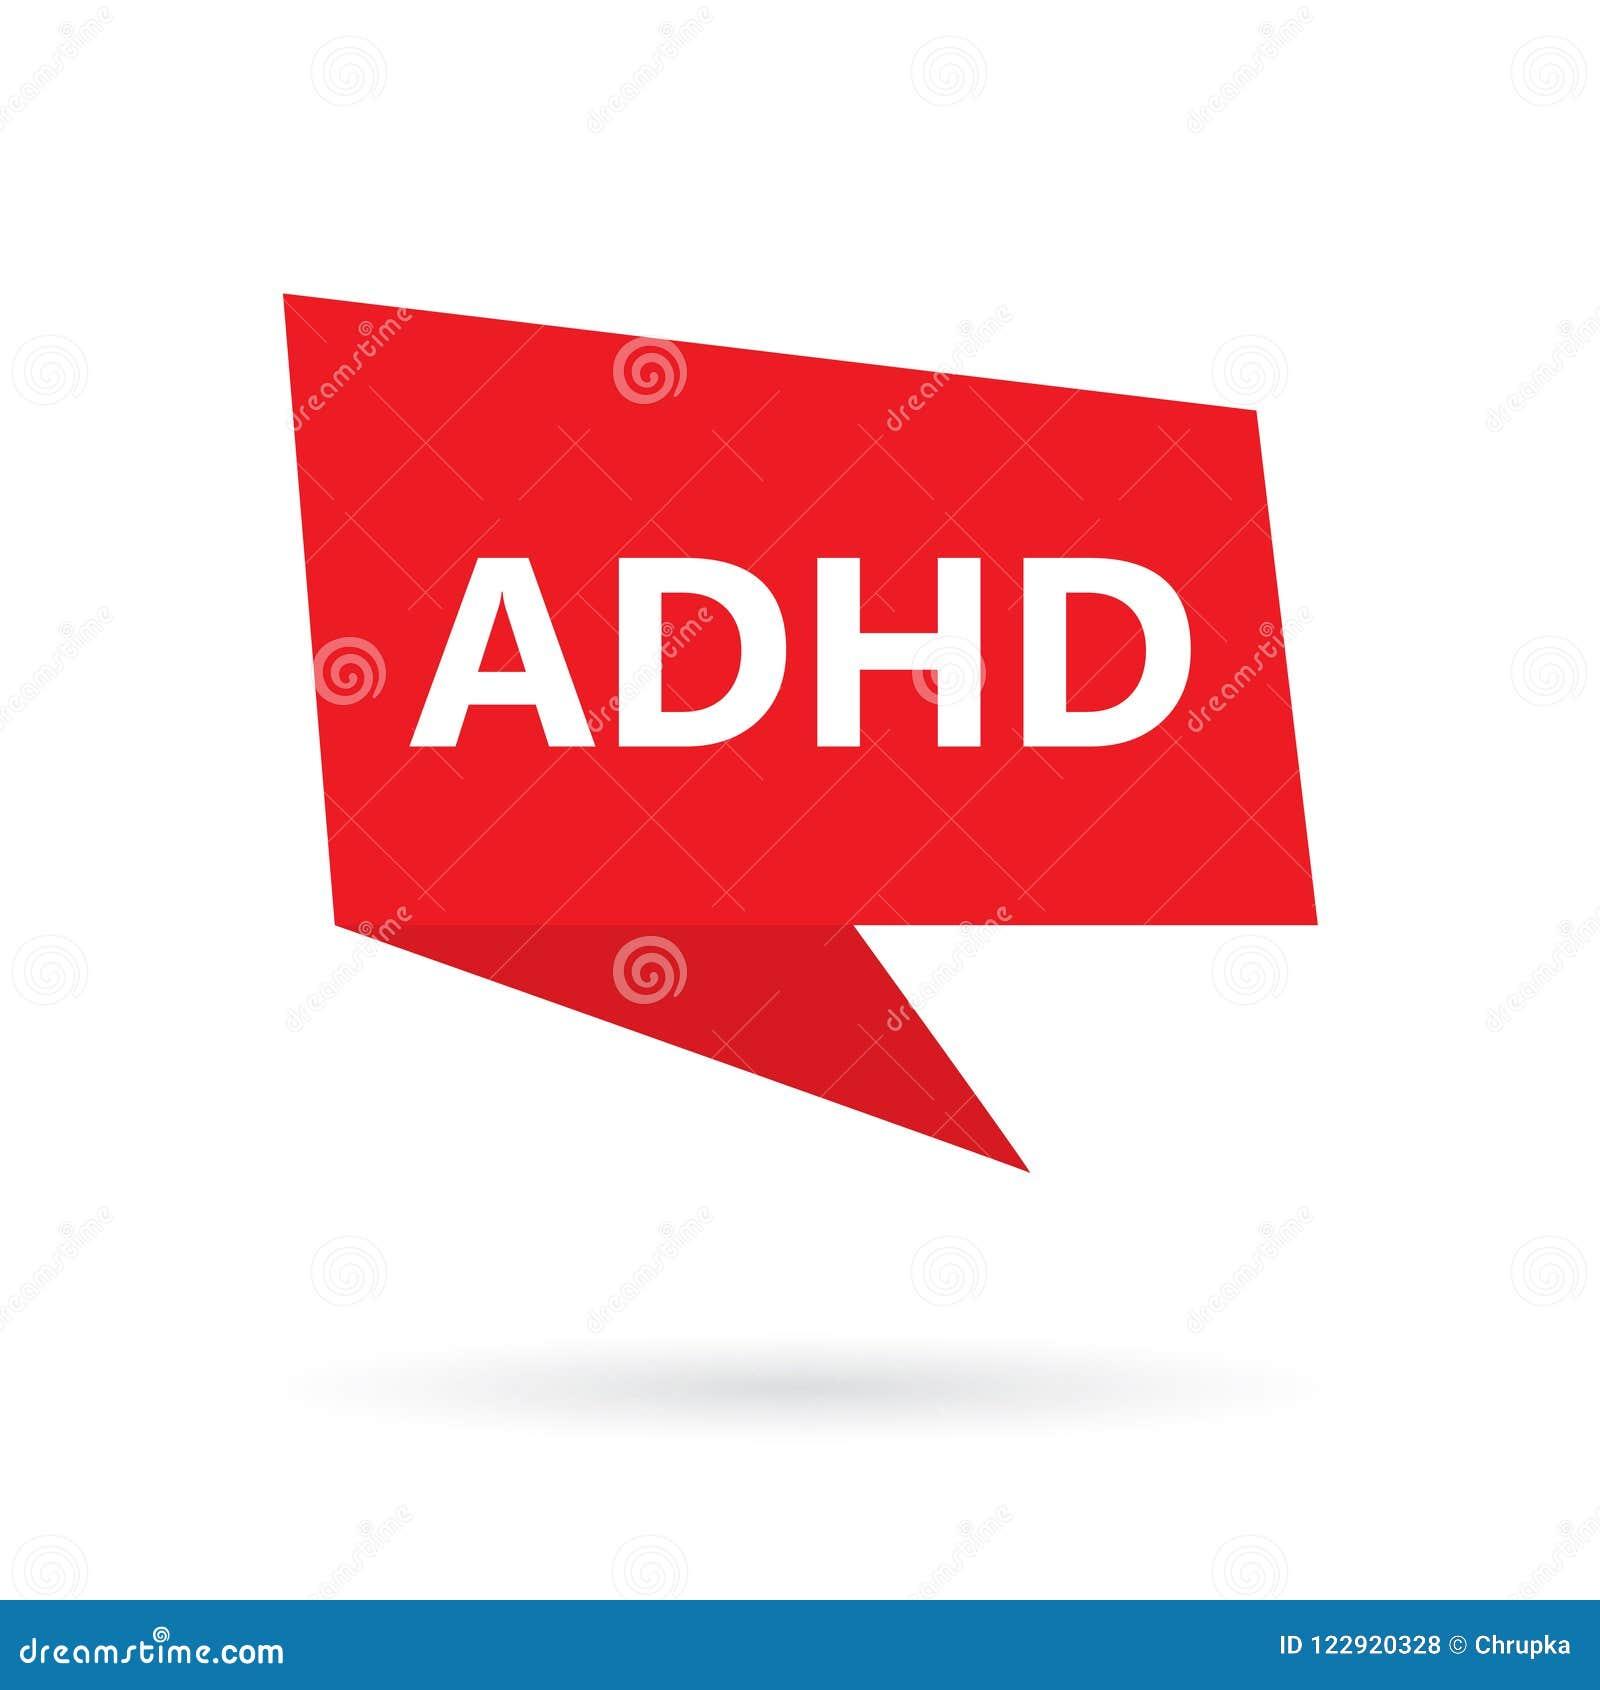 ADHD-Aufmerksamkeits-Defizit-Hyperaktivitäts-Störungswort auf Spracheblase